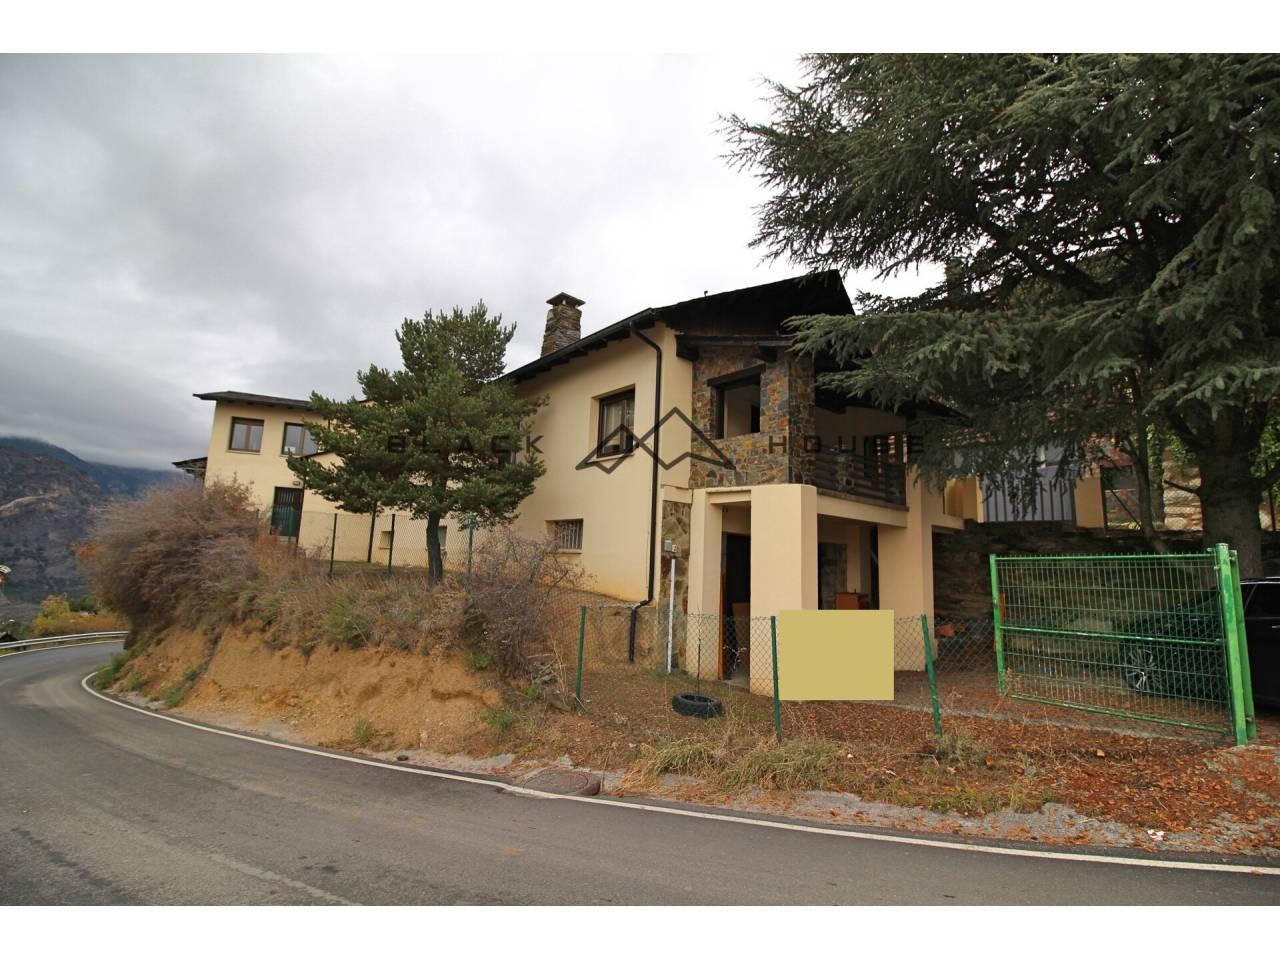 Casa unifamiliar en venda en Juberri